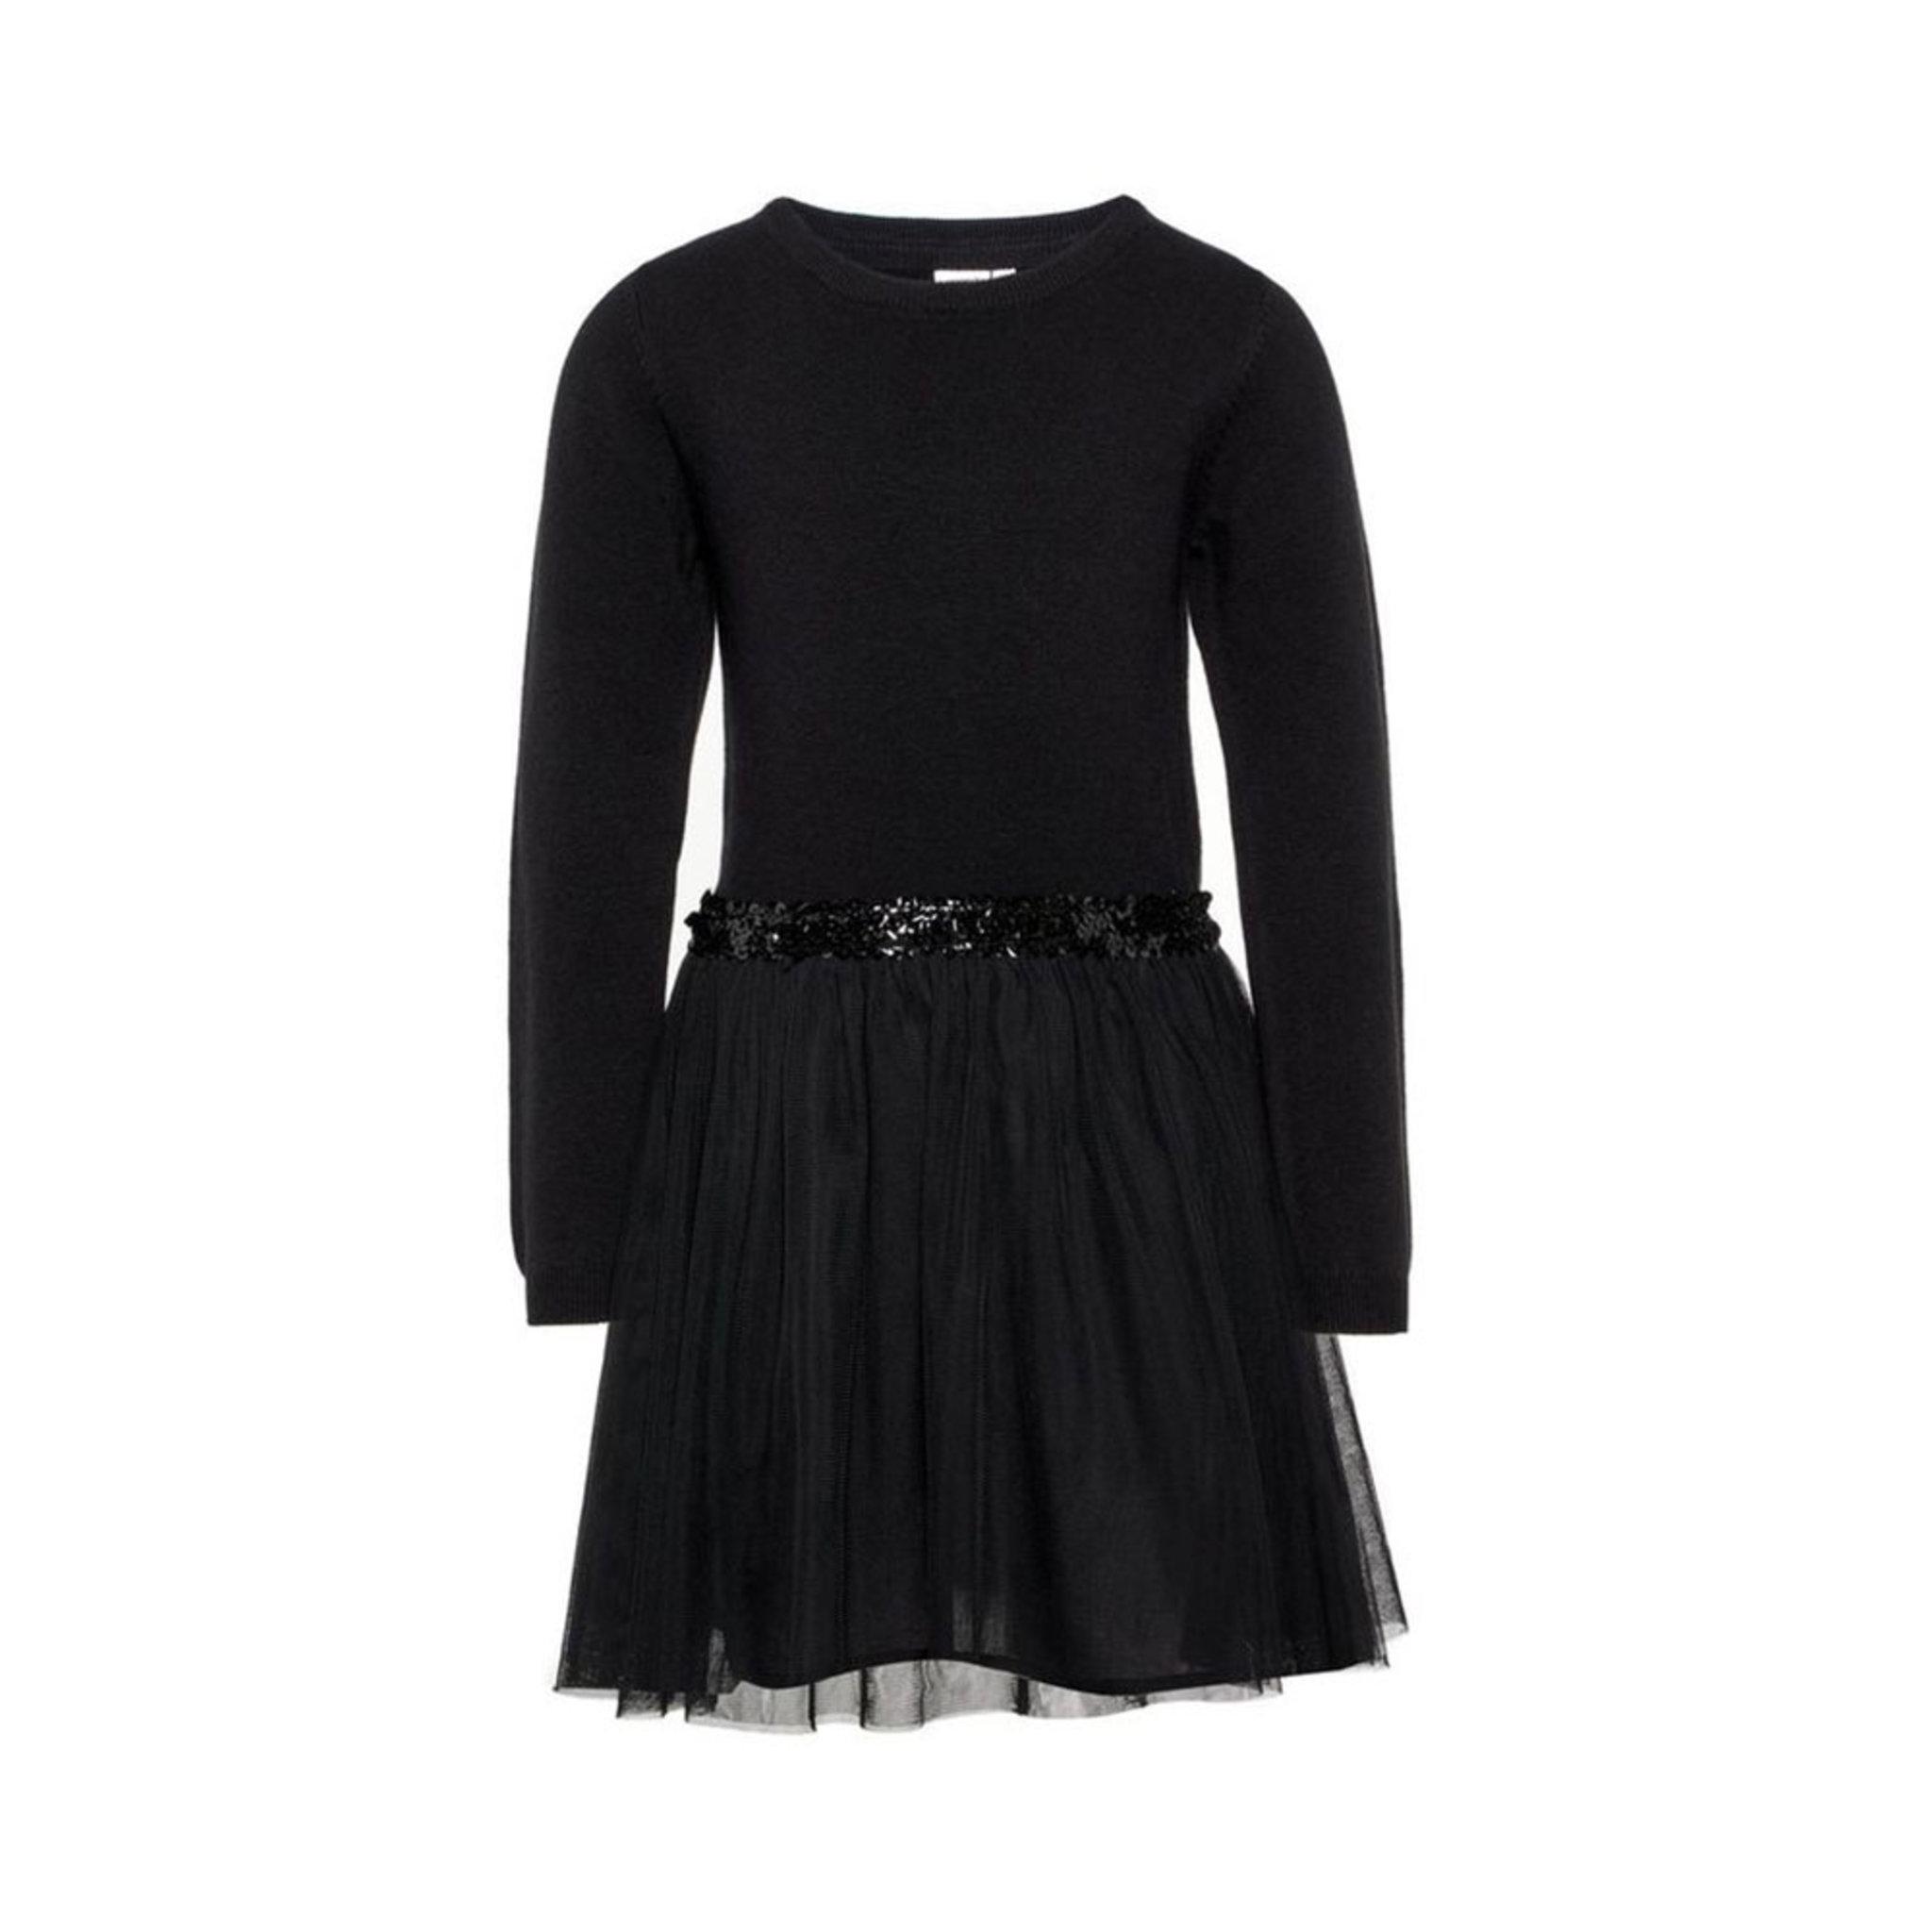 Klänning Tyll Klänningar & kjolar Köp online på åhlens.se!